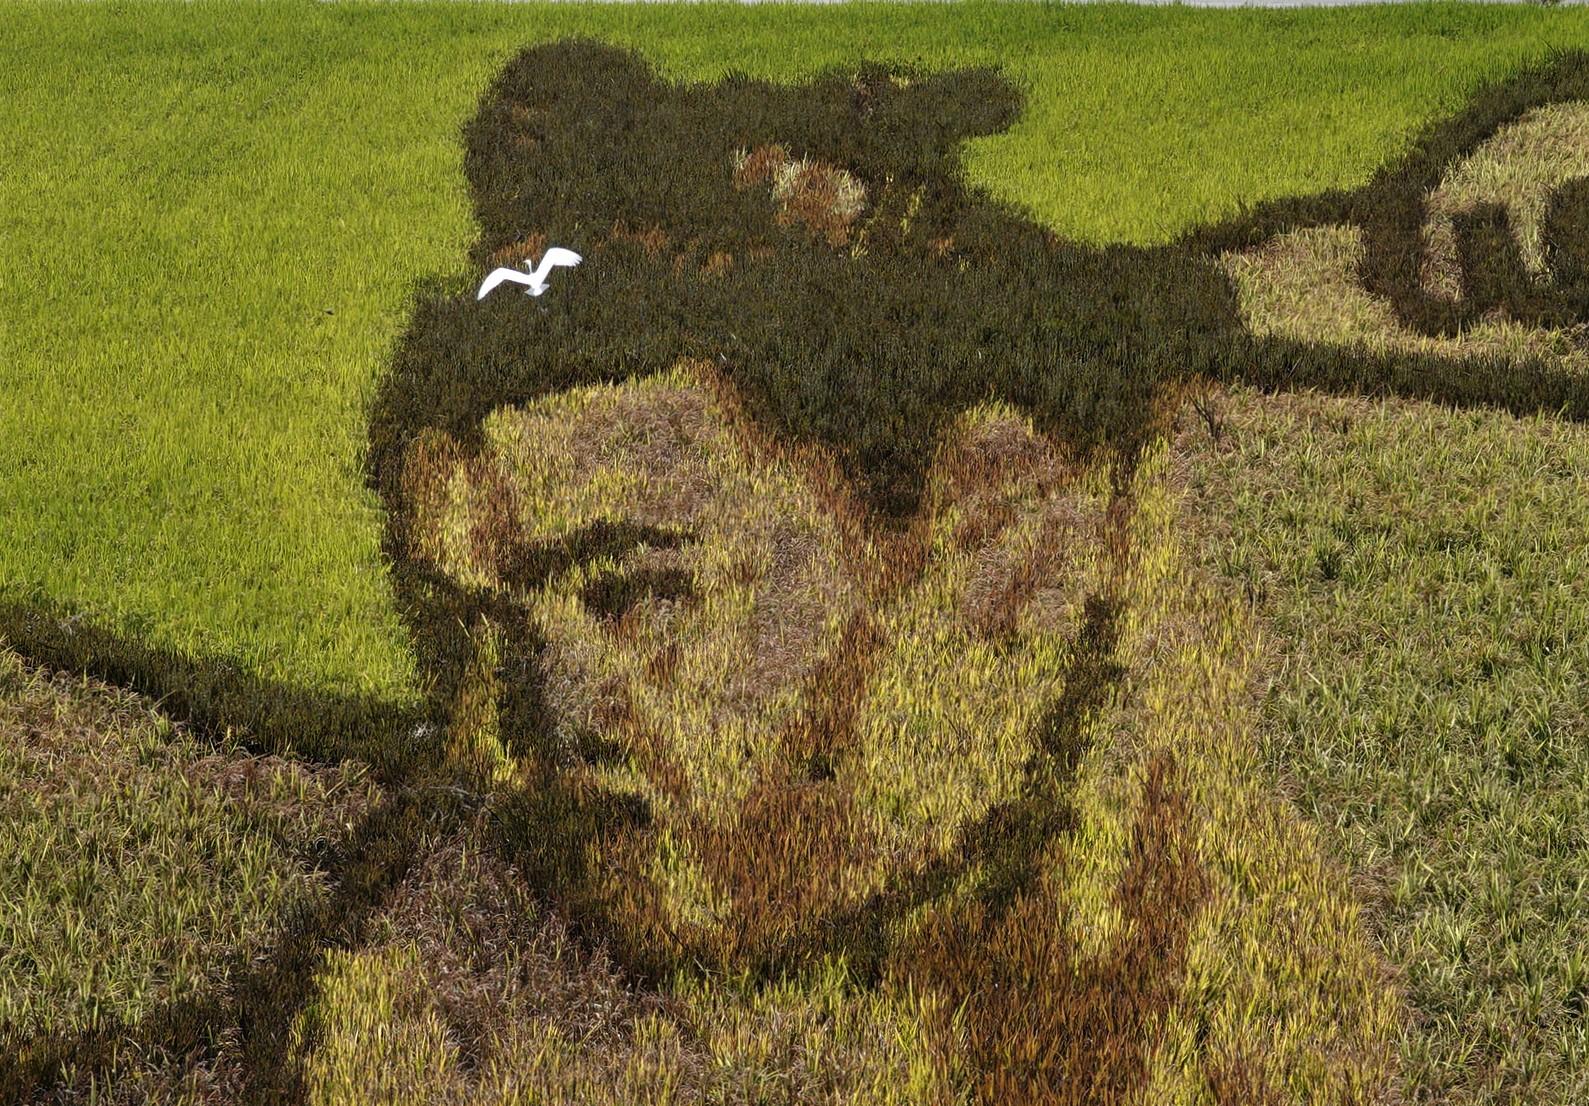 実るほど勇ましさ増す御嶽海関 安曇野の田んぼアート